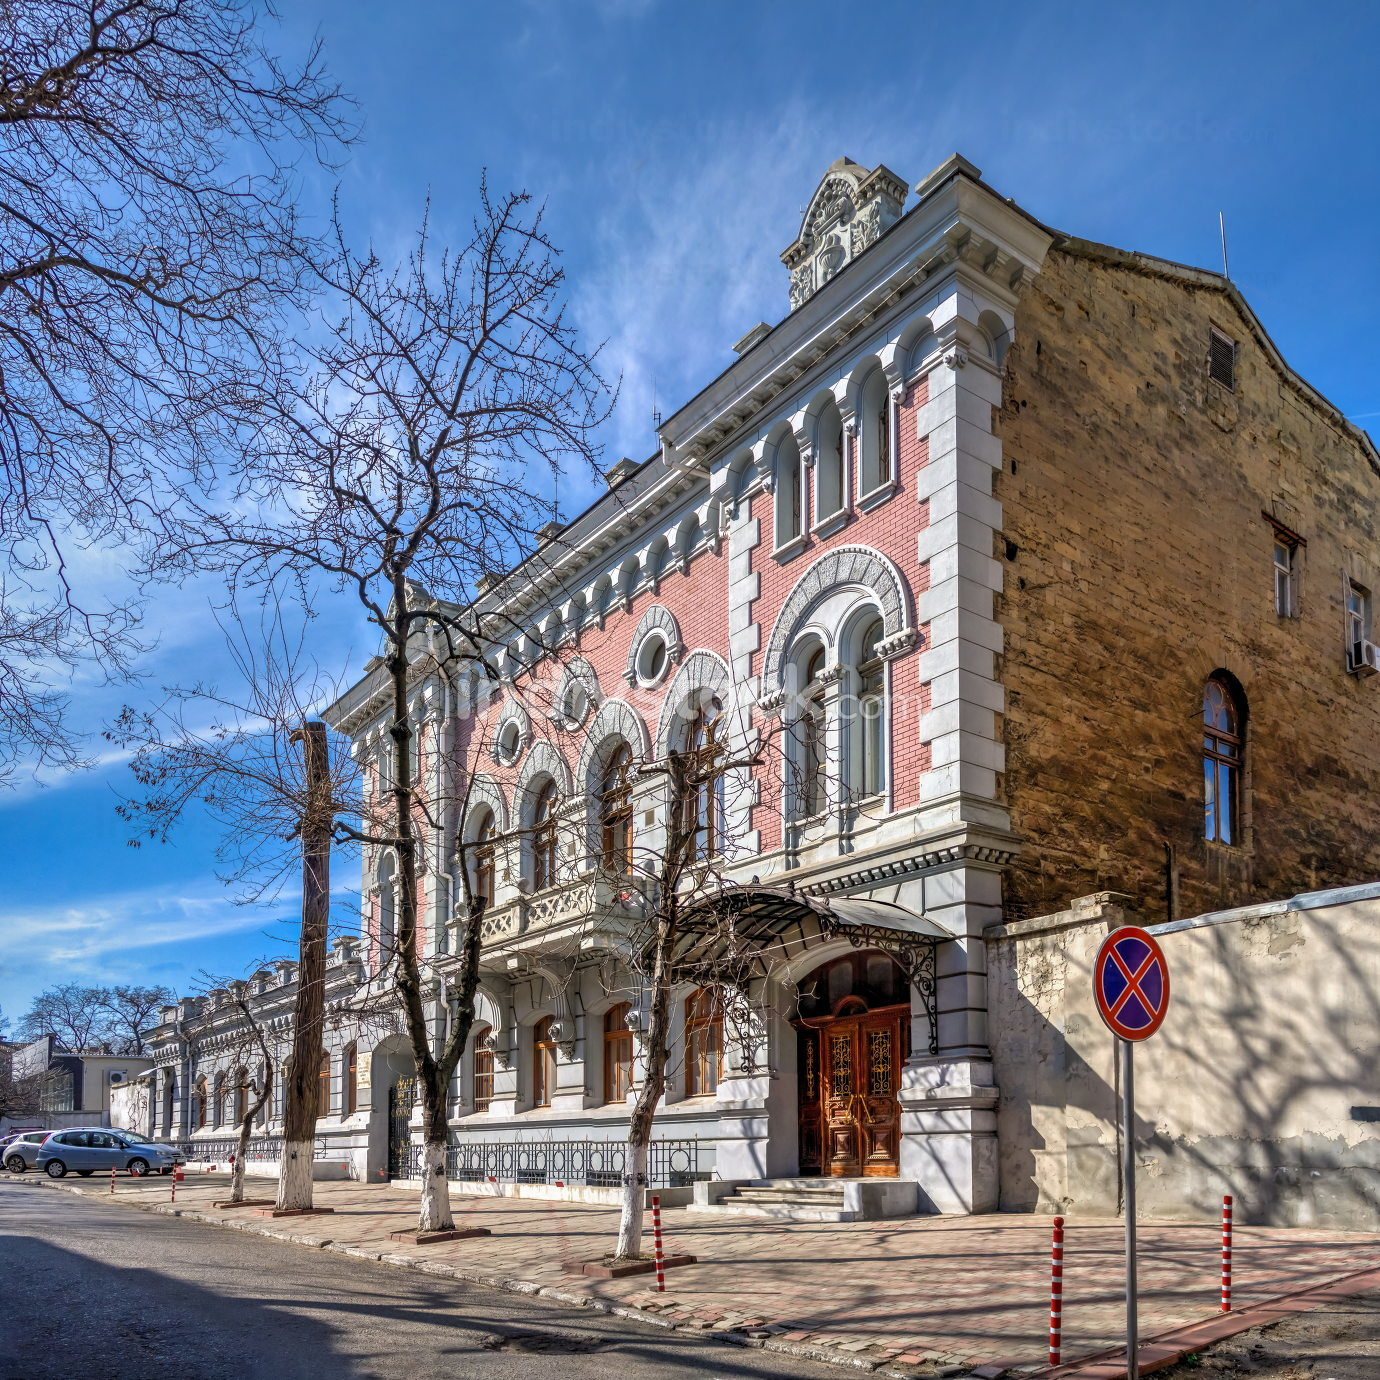 City Ambulance Station in Odessa, Ukraine